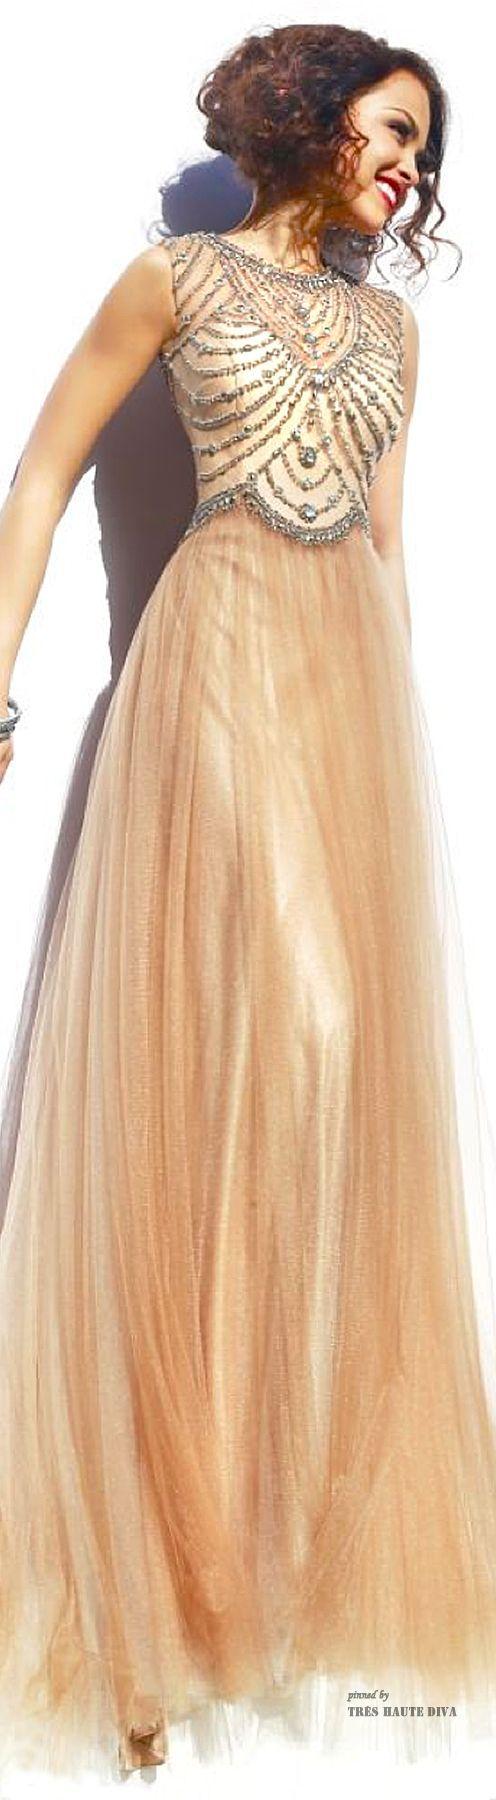 Sherri Hill Fall Dress